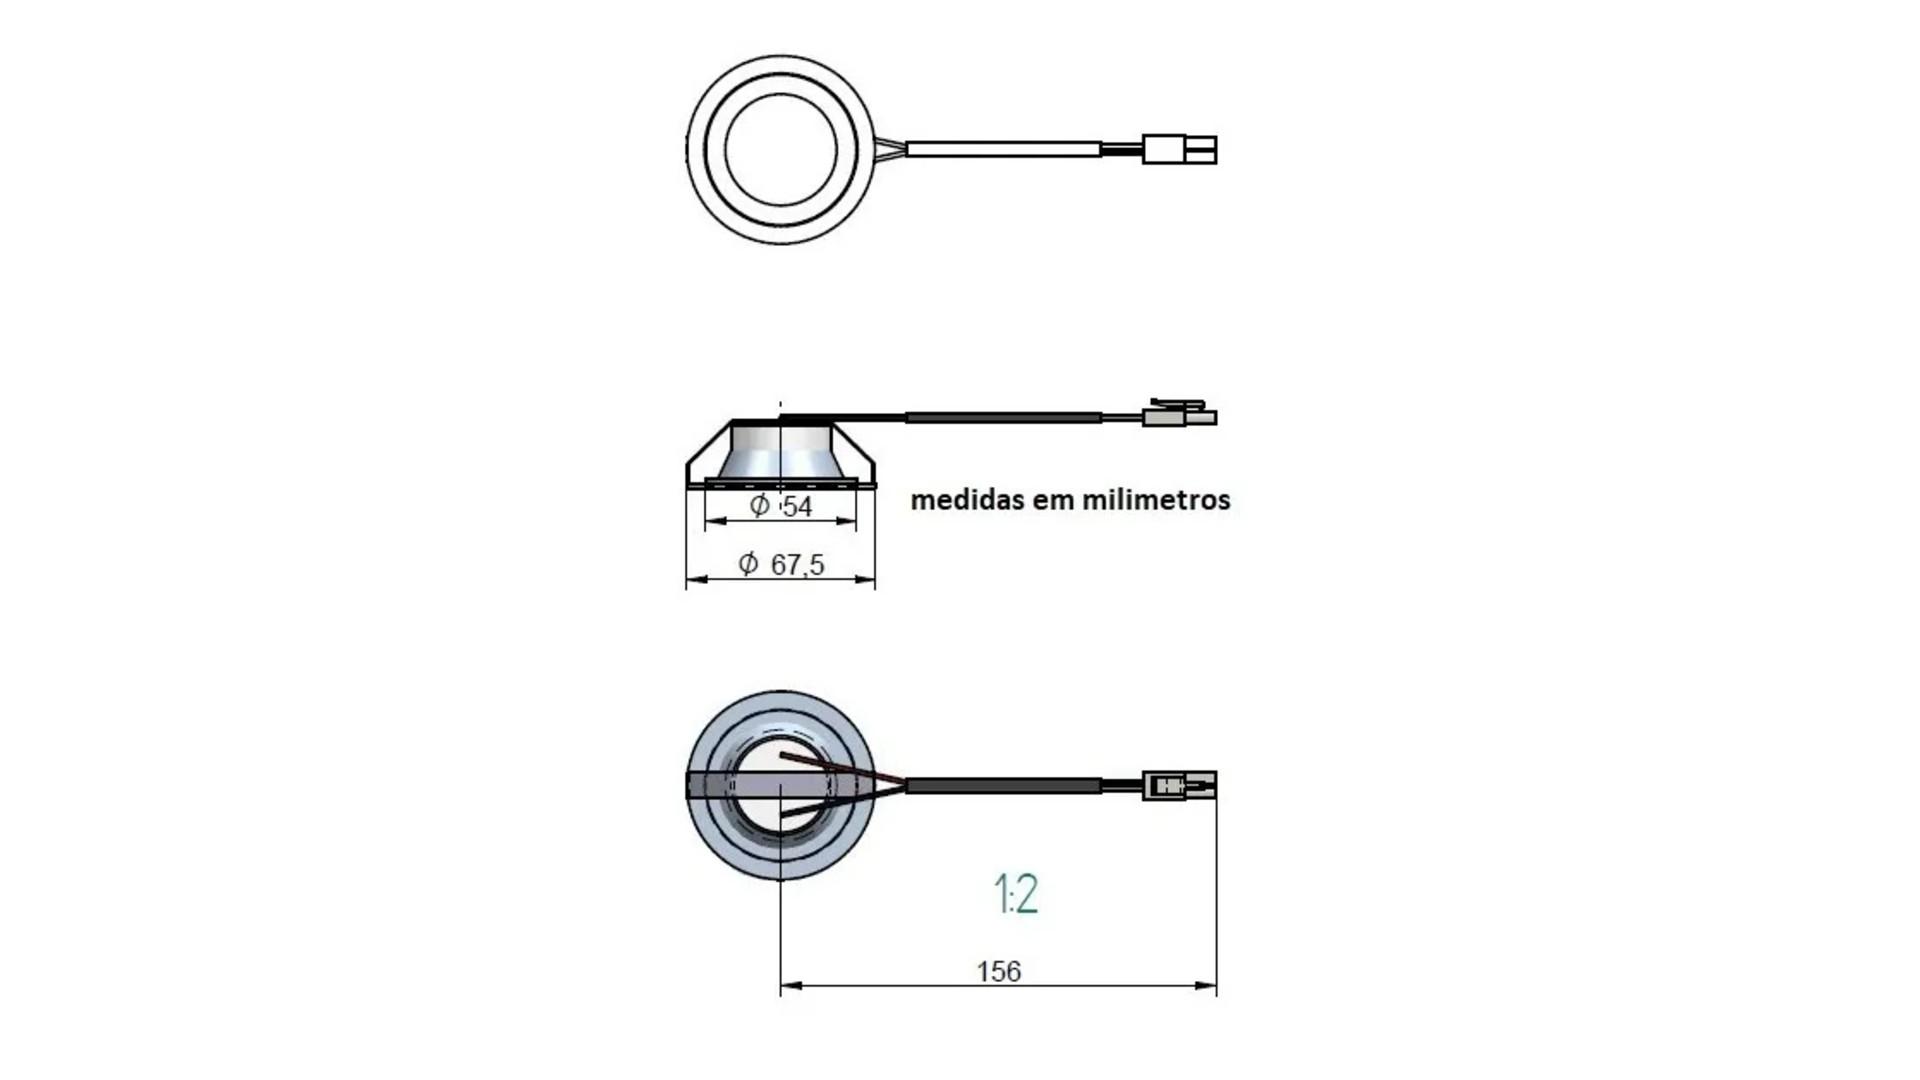 Lampada De Led Redonda Para Coifas Fogatti/nardelli/terim